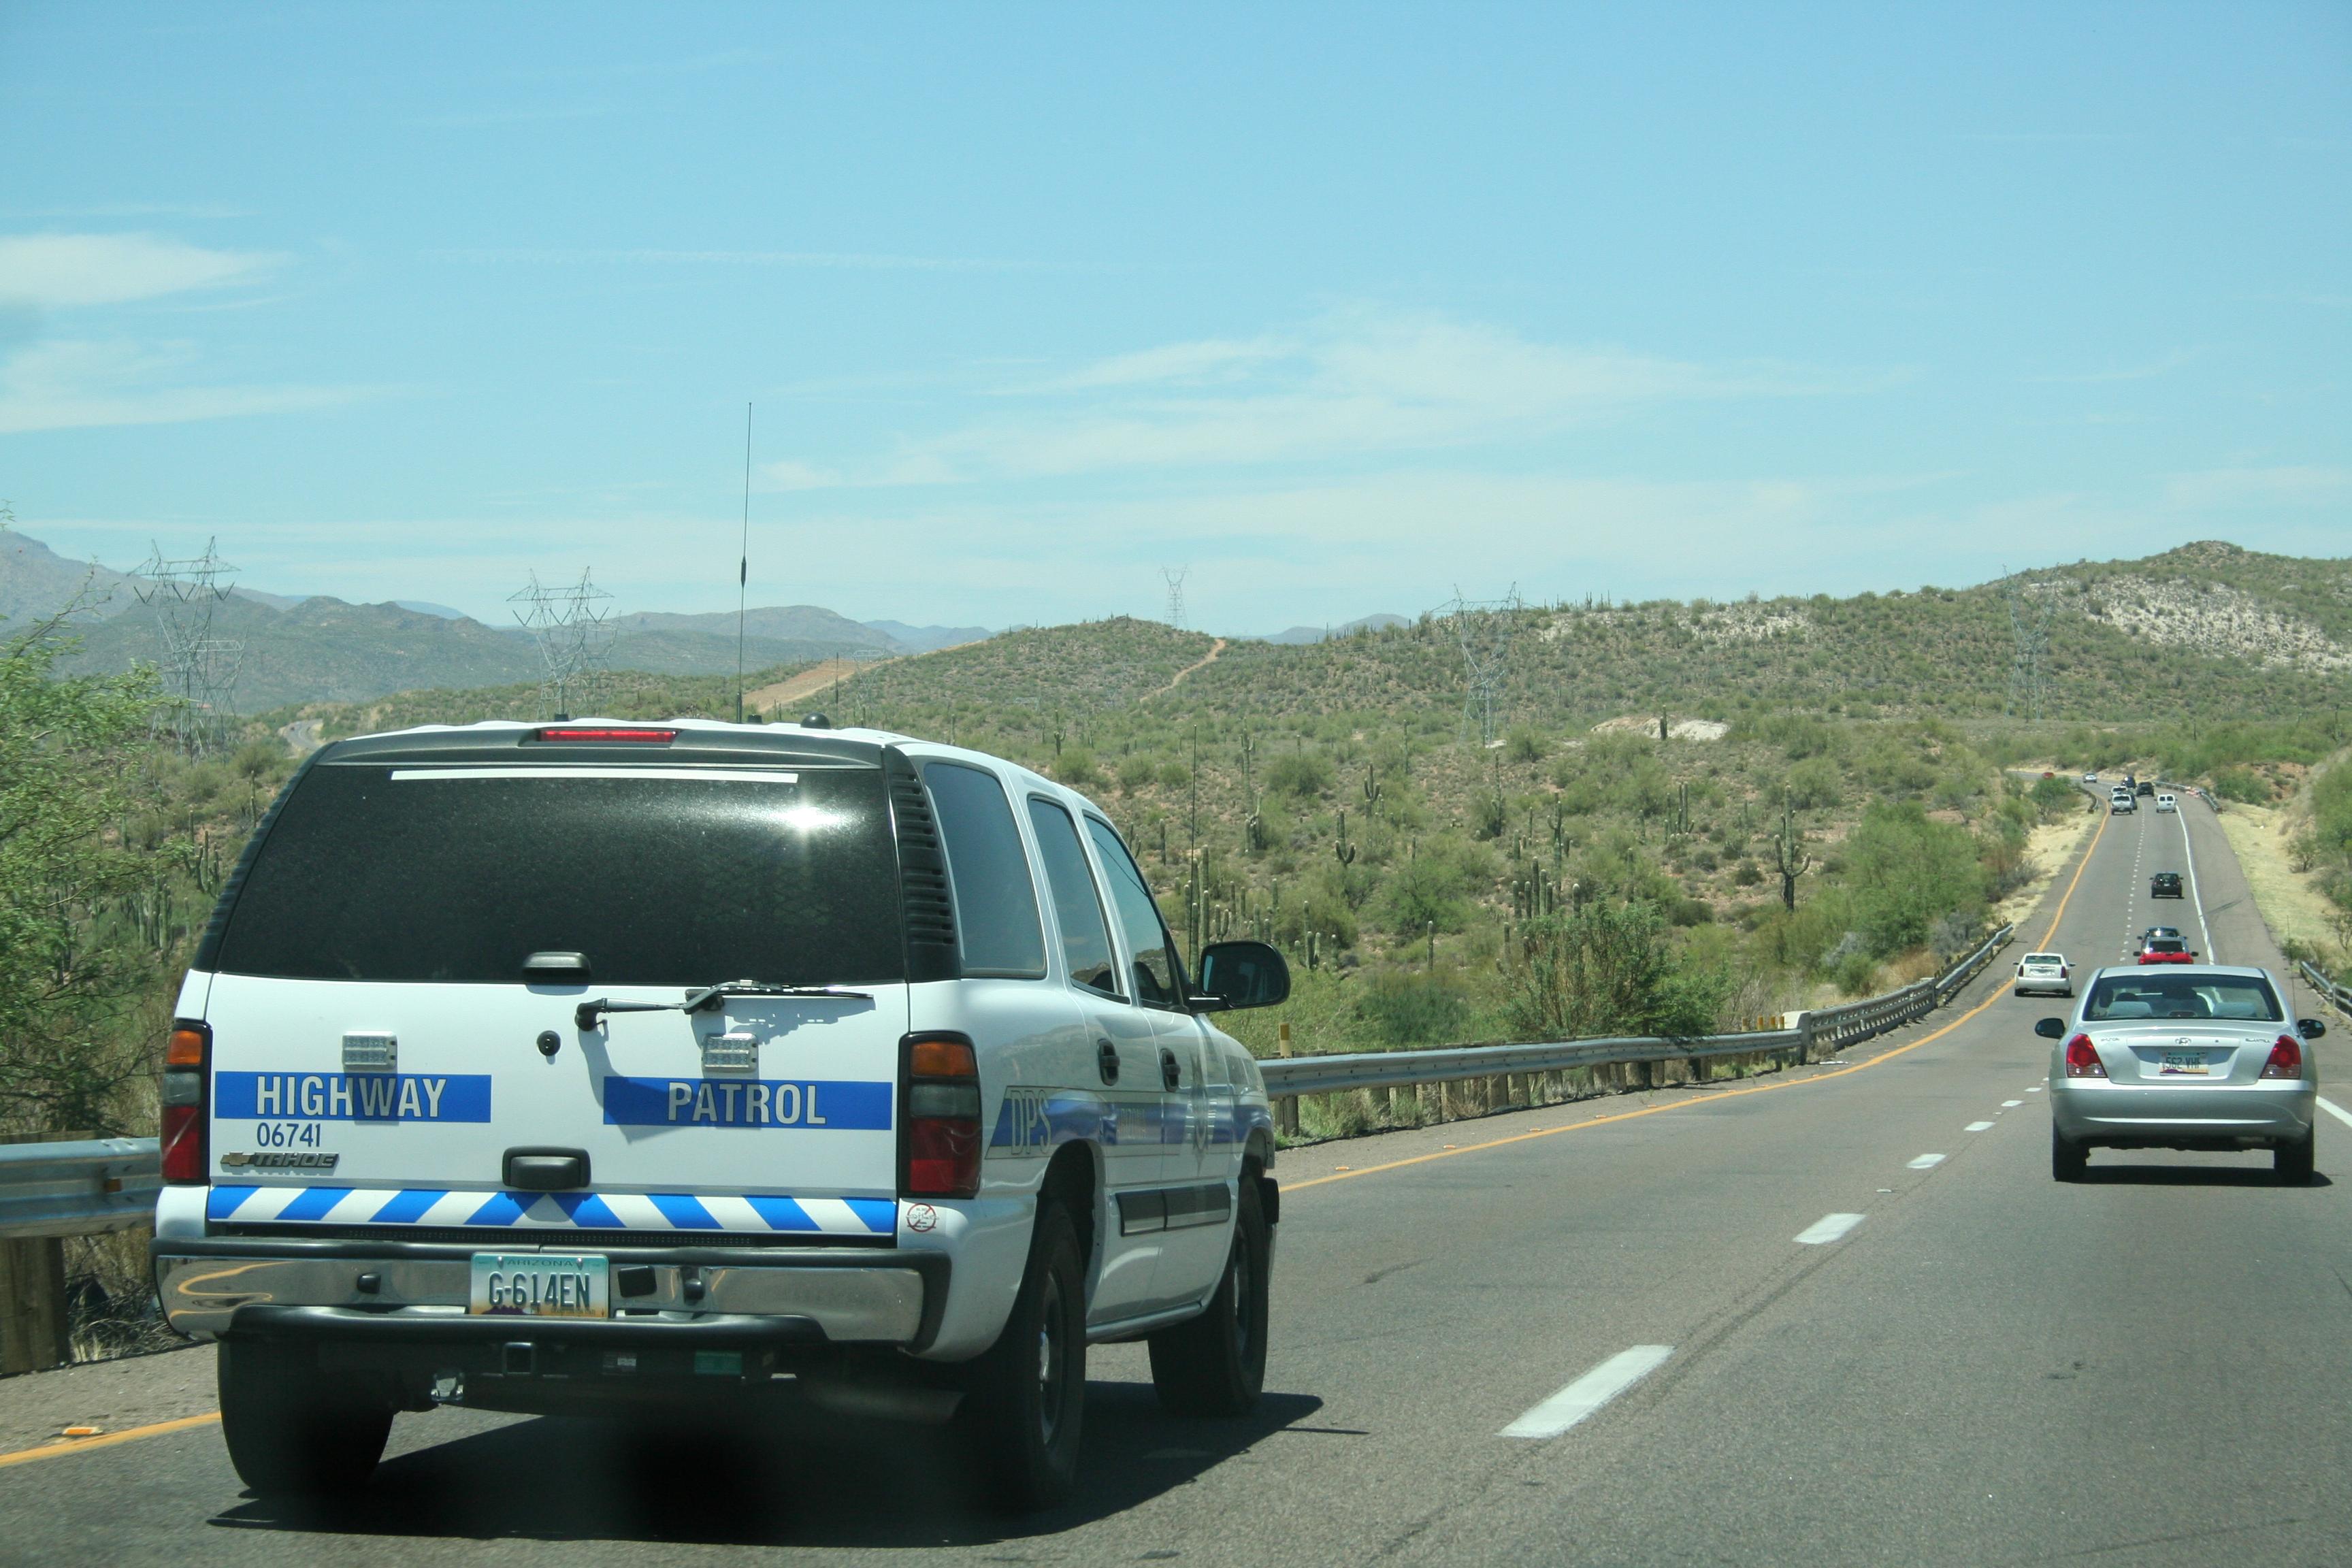 FileRear view of an Arizona Highway Patrol Chevrolet TahoeJPG